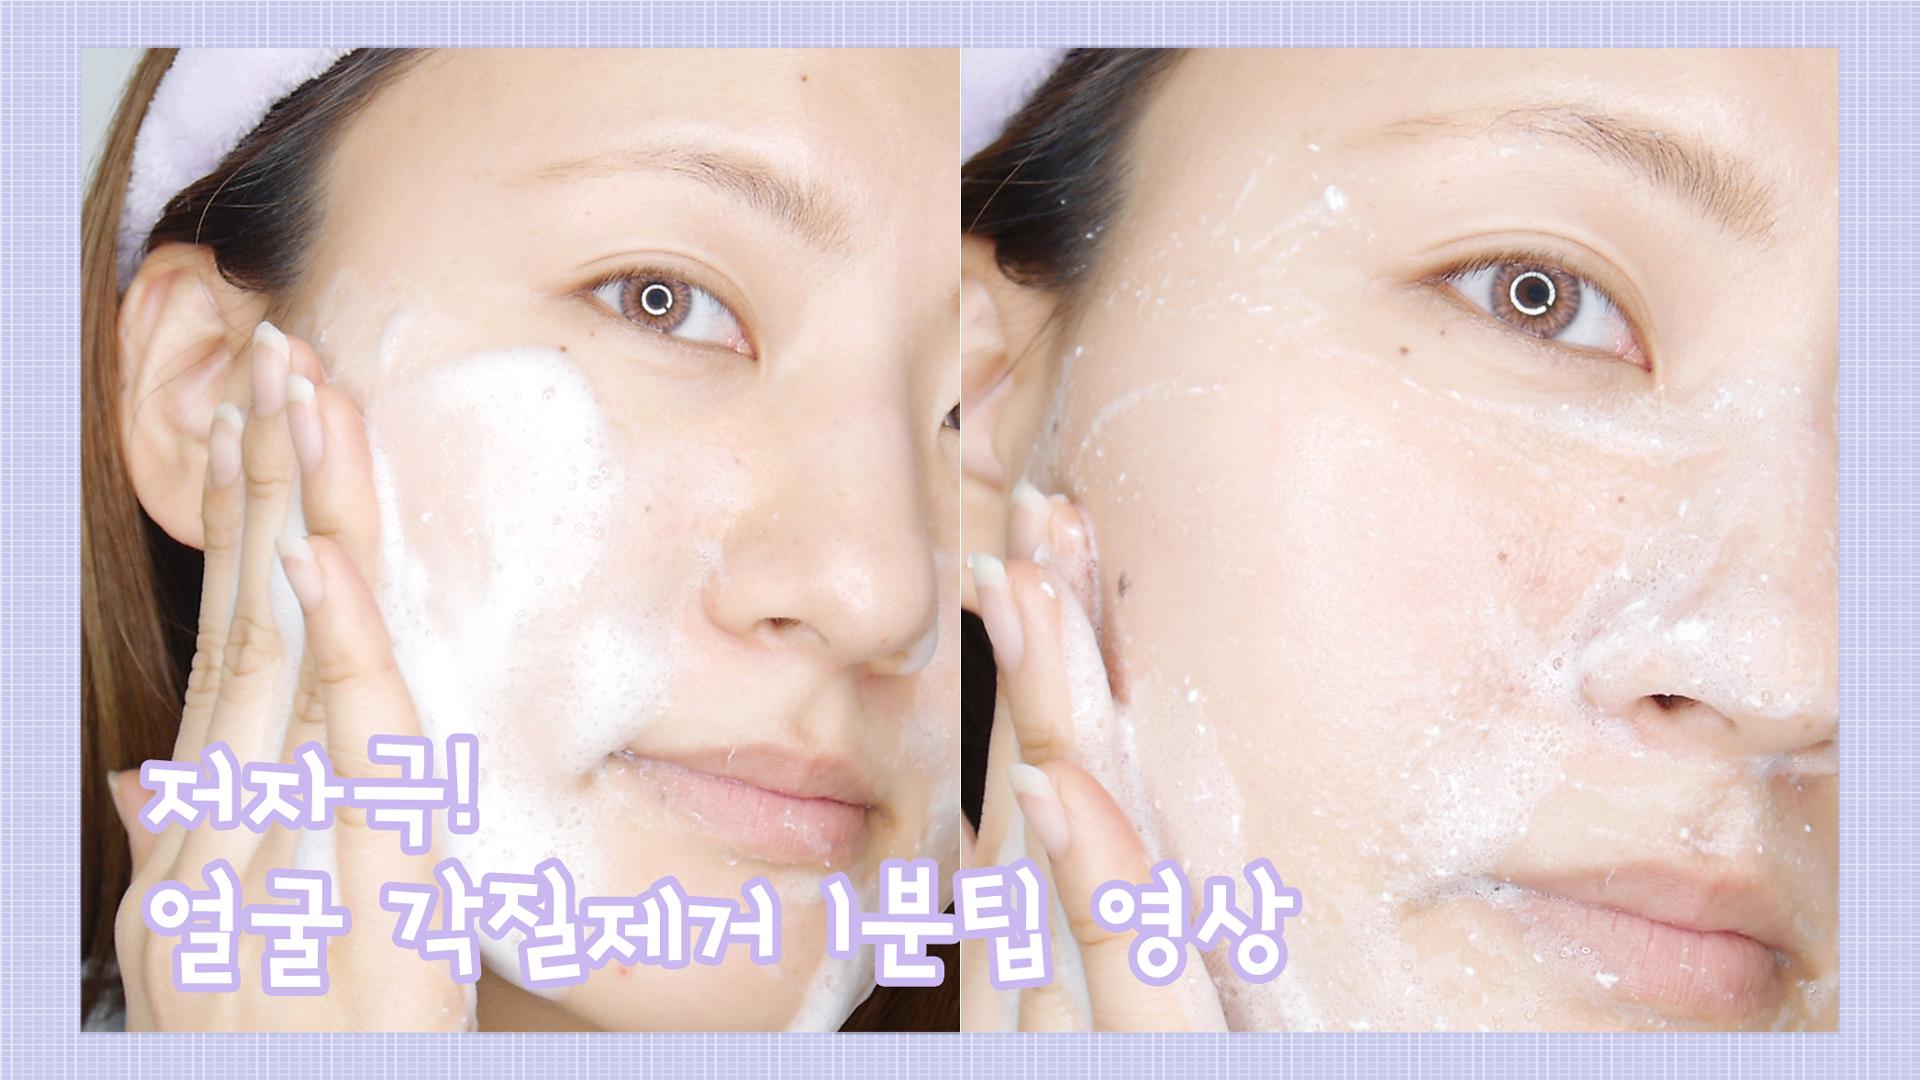 저자극 얼굴 각질제거 1분팁 영상 (닥터지 구름필링)